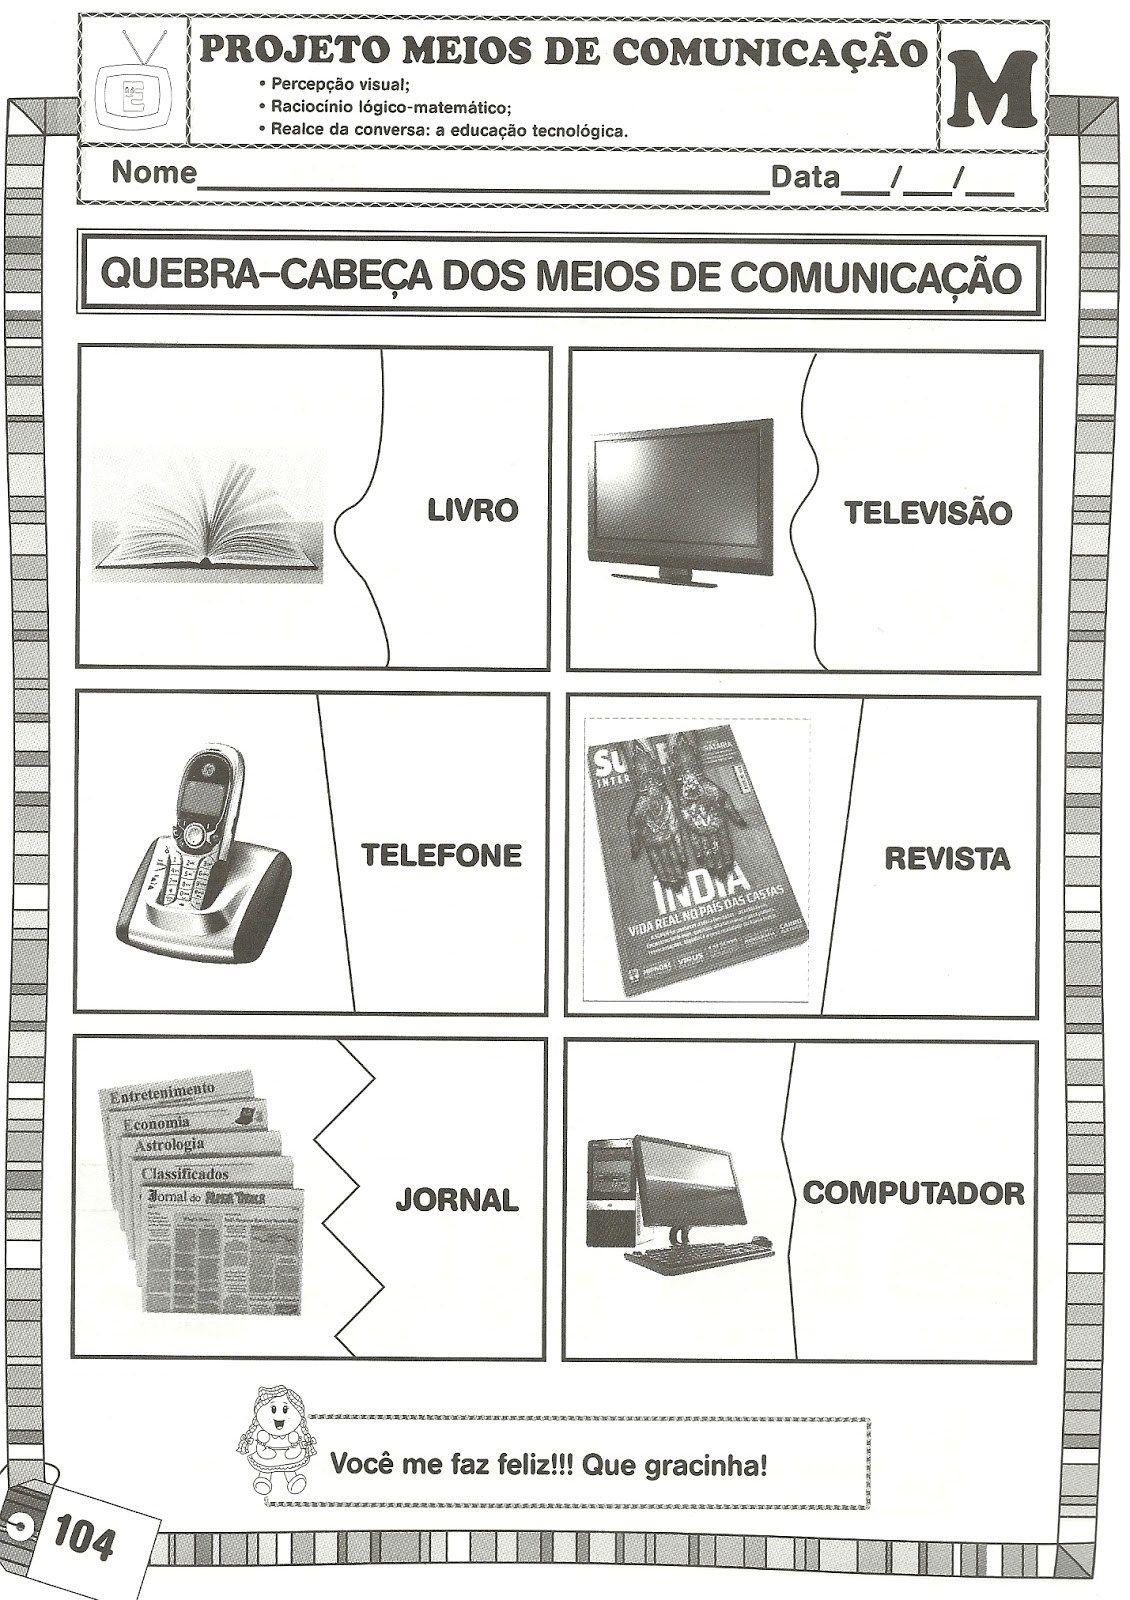 Projeto Meios De Comunicacao Com 19 Atividades Para Imprimir Em